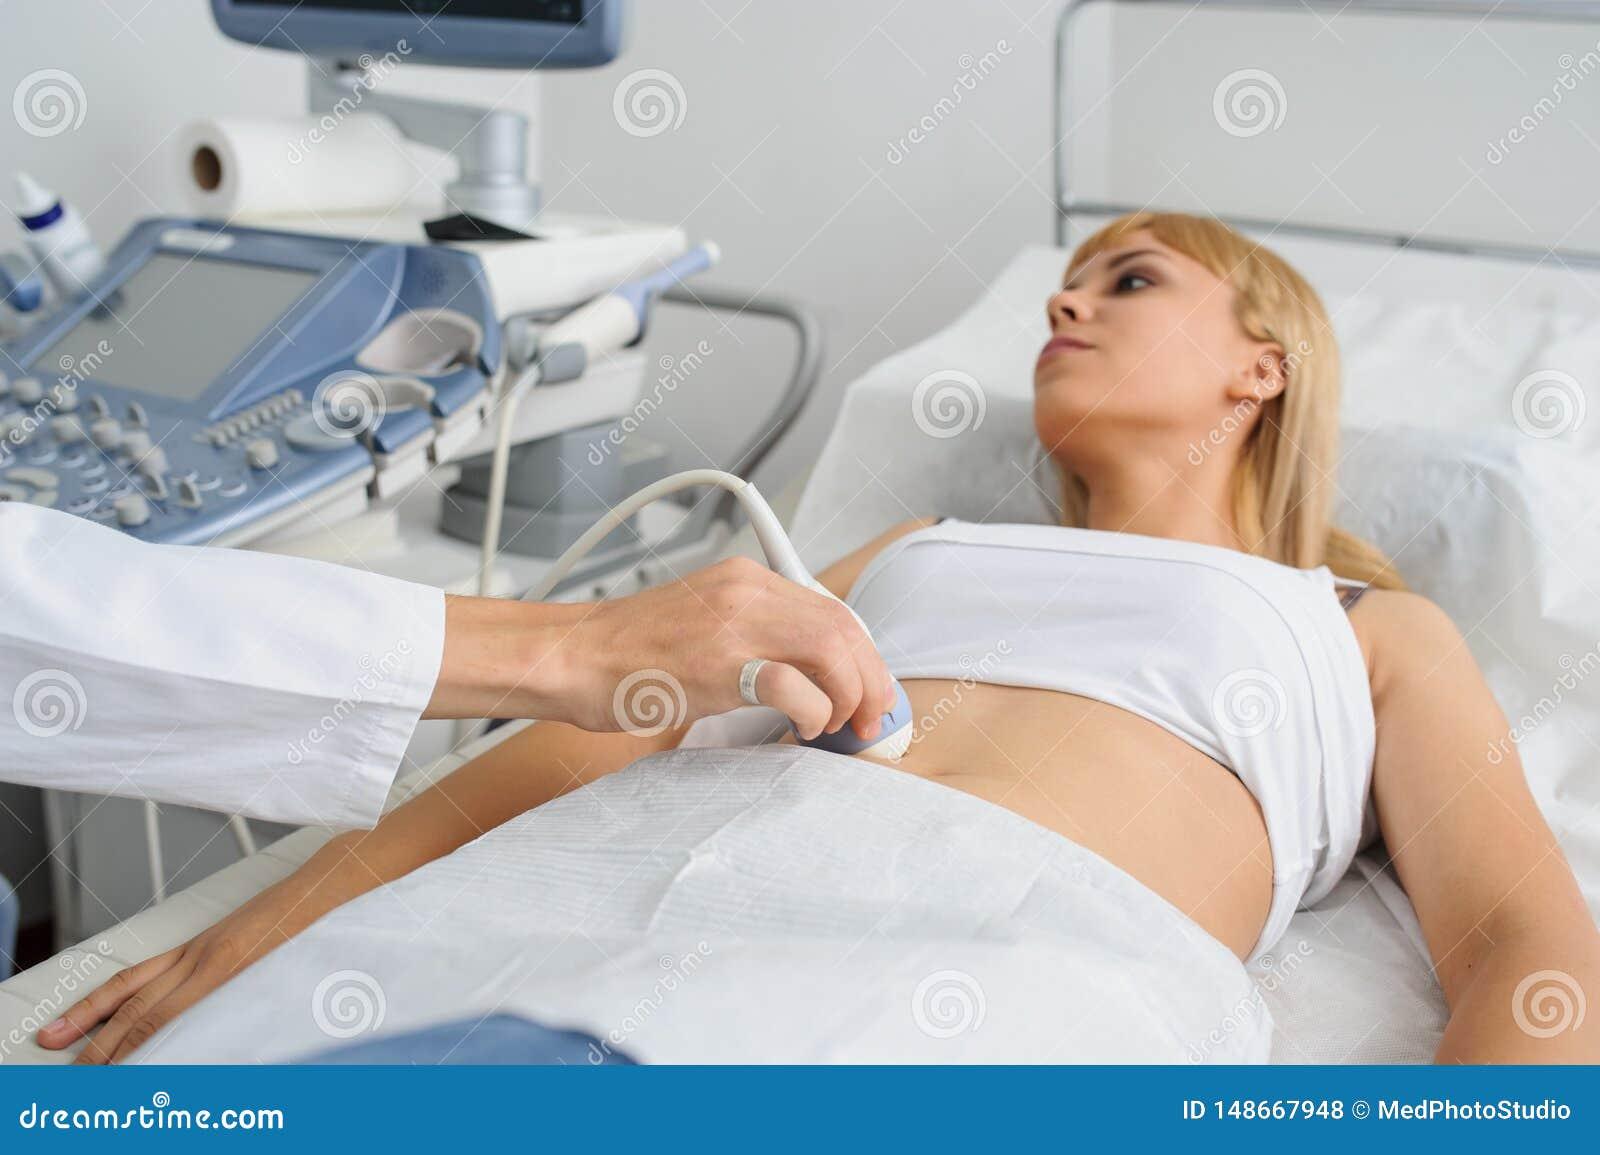 Беременная дама pacient на рассмотрении ultrasonography